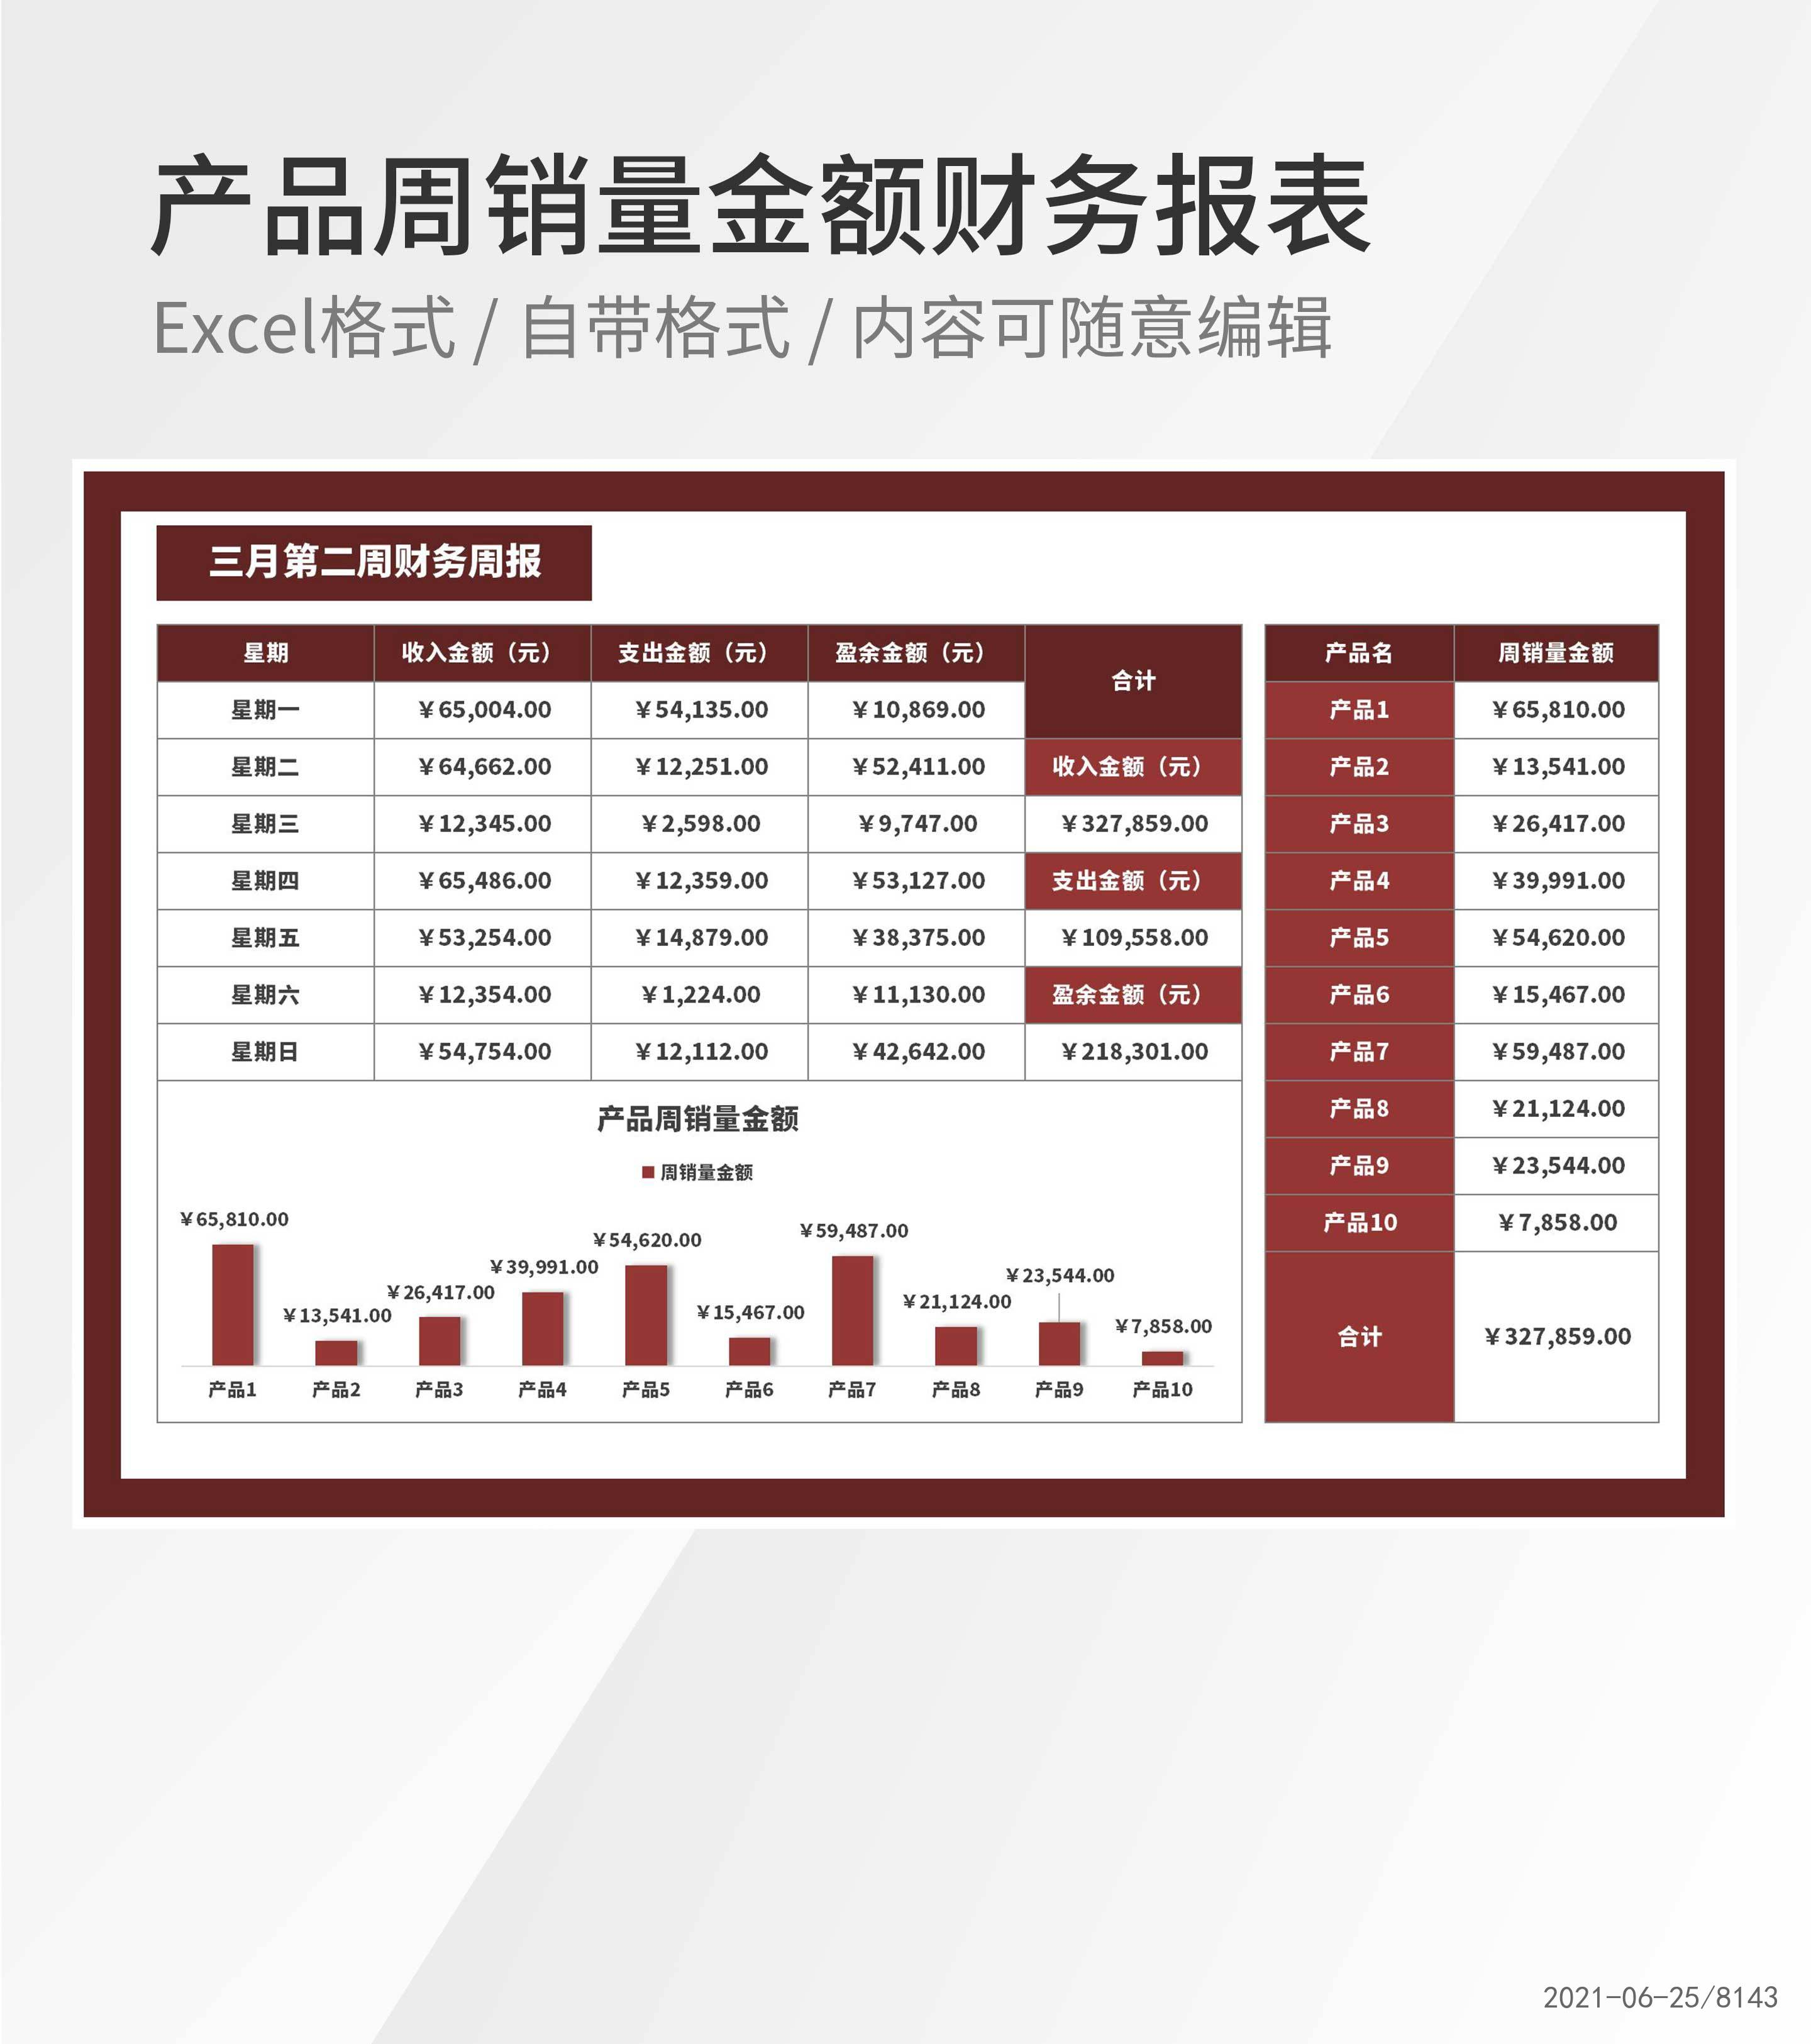 产品周销量金额财务报表Excel模板